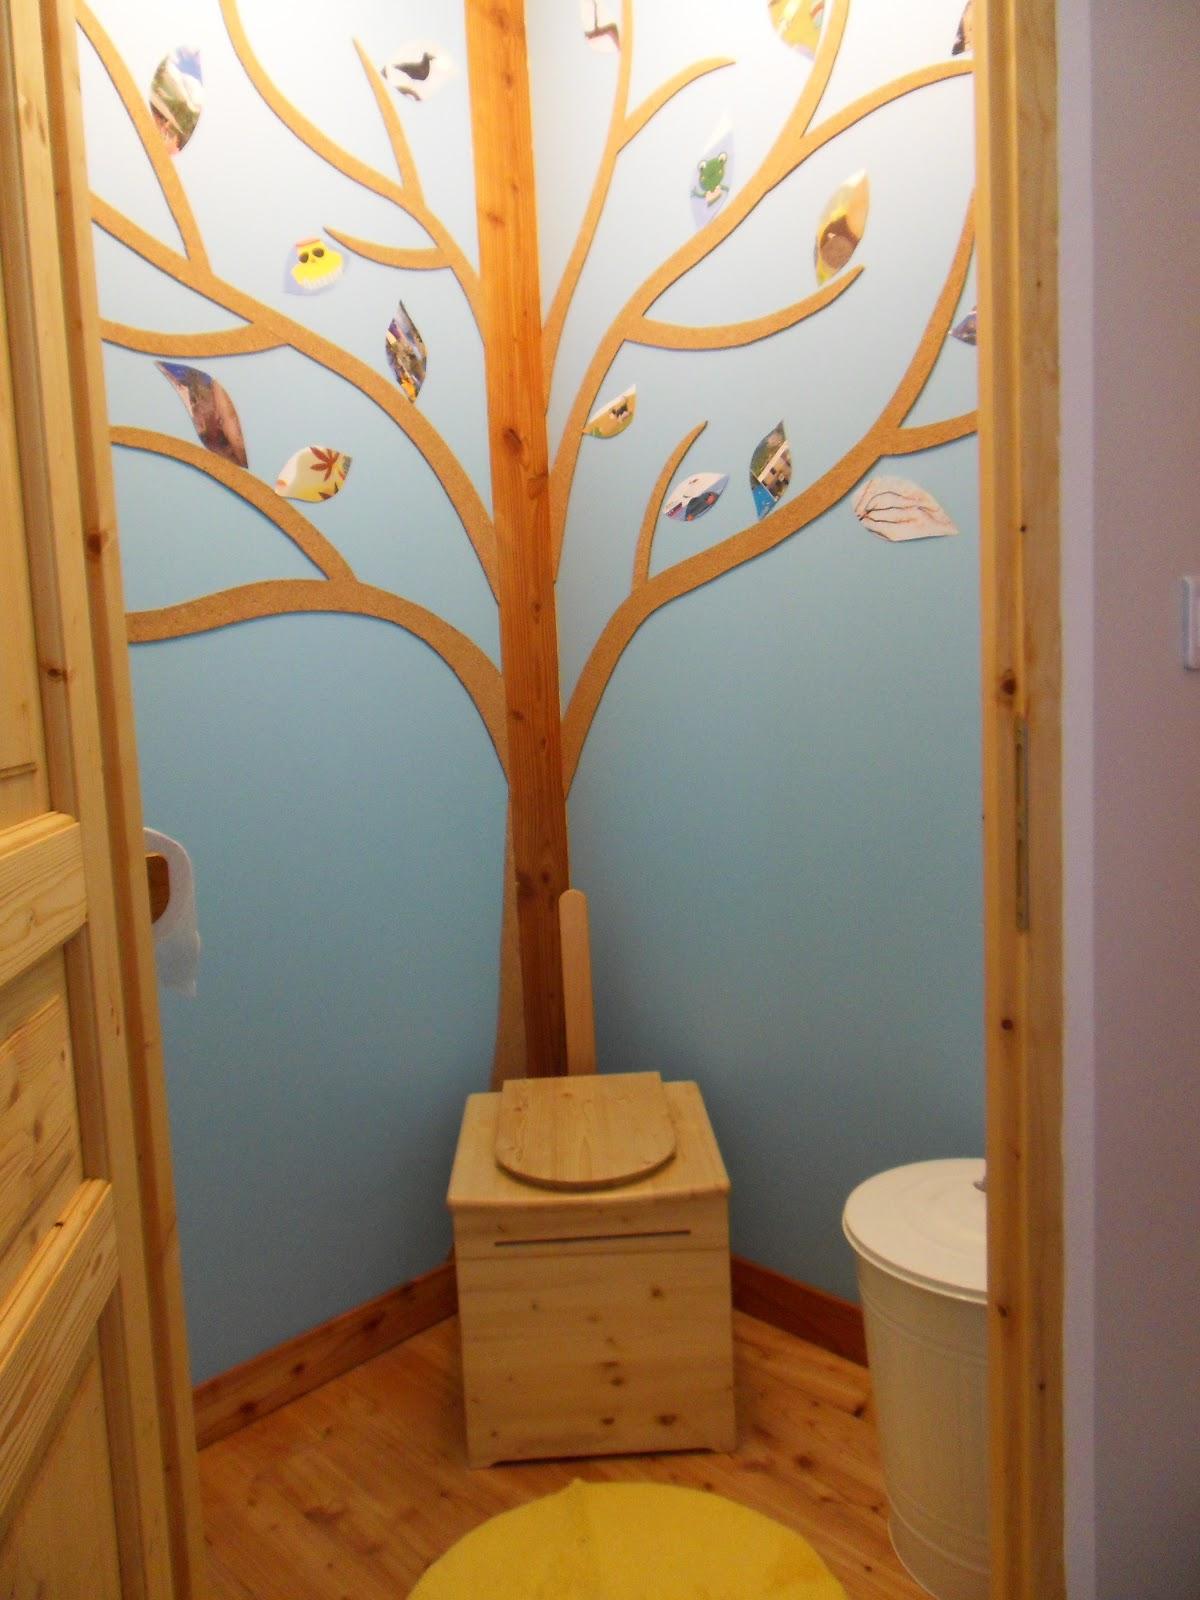 Naissance D'Une Maison De Paille En Picardie: Remise En intérieur Toilette Seche Interieur Maison